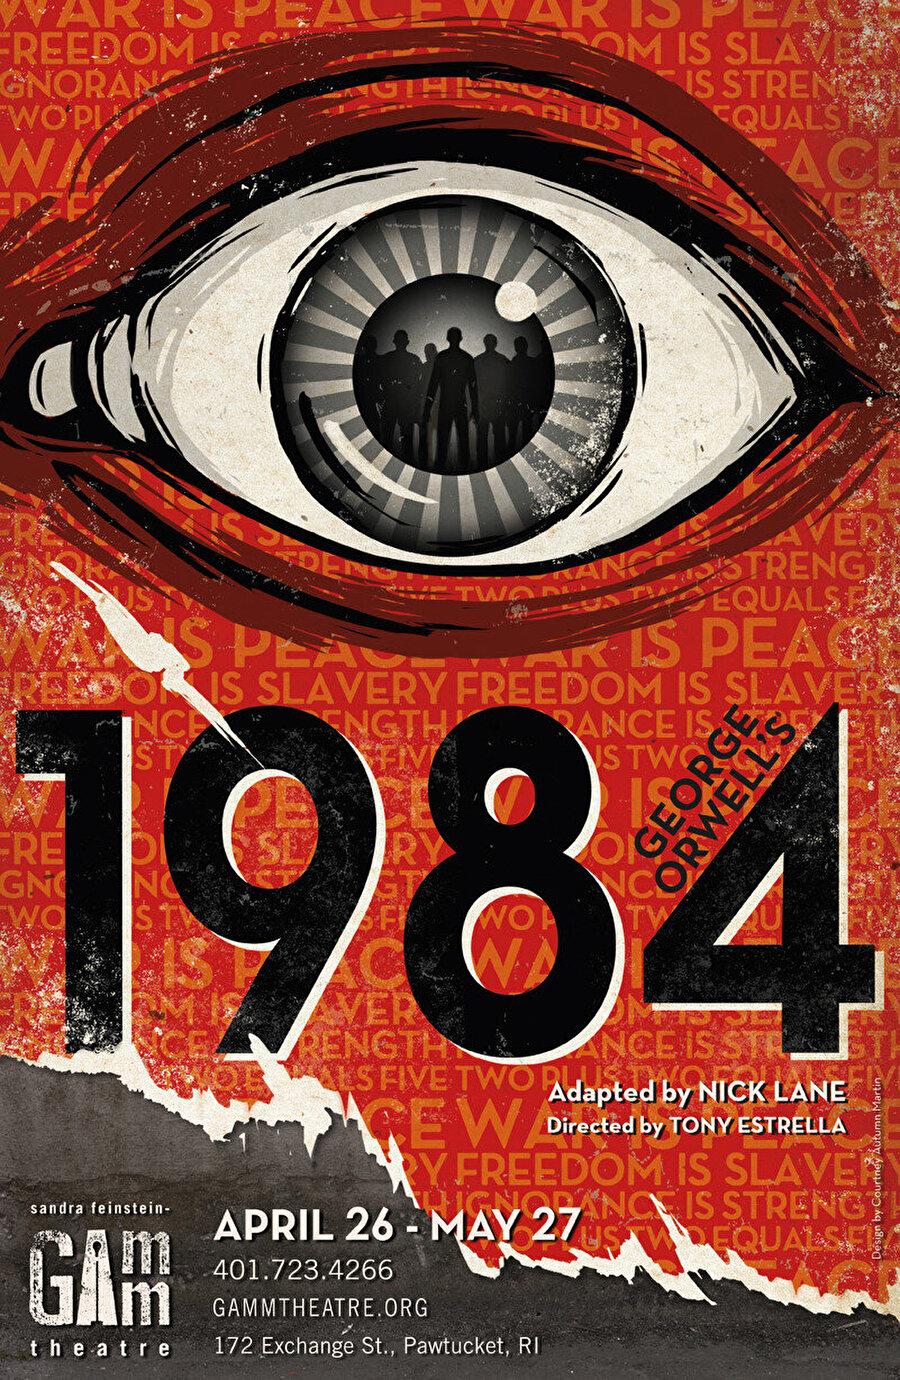 George Orwell'in meşhur eseri 1984'ün hemen hemen her baskısının kapağında görebileceğimiz, Büyük Birader'i temsil eden Tek-Göz'ü her daim bizi izliyor.